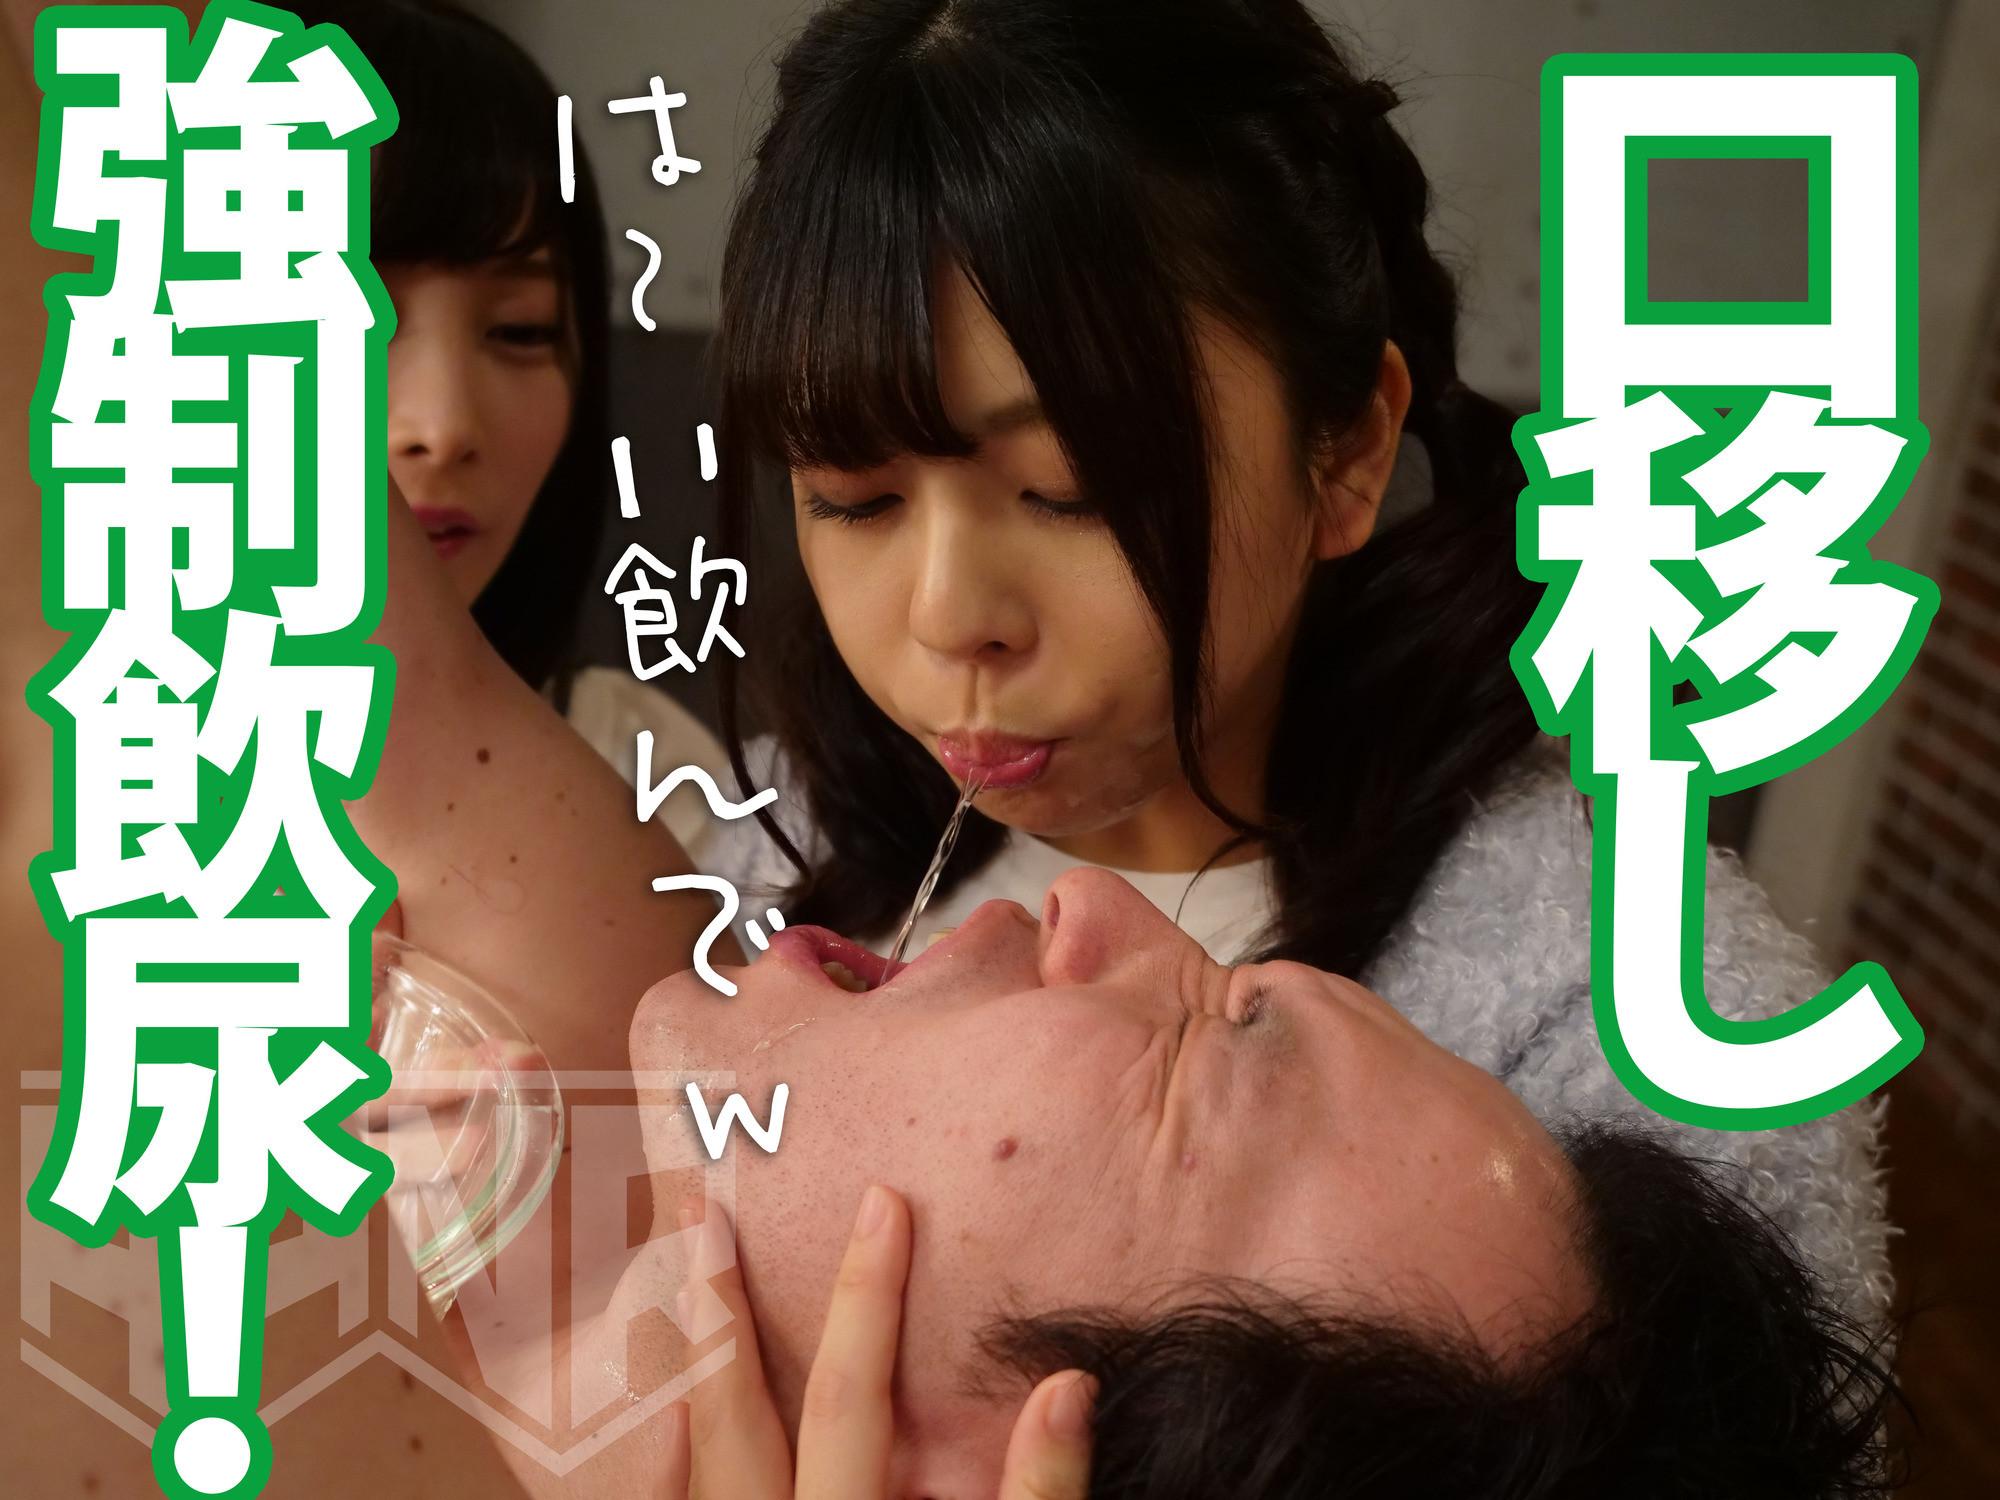 【検証AV】M女優にS男優とプレイさせるよりもM男との方がおもしろい説 画像3